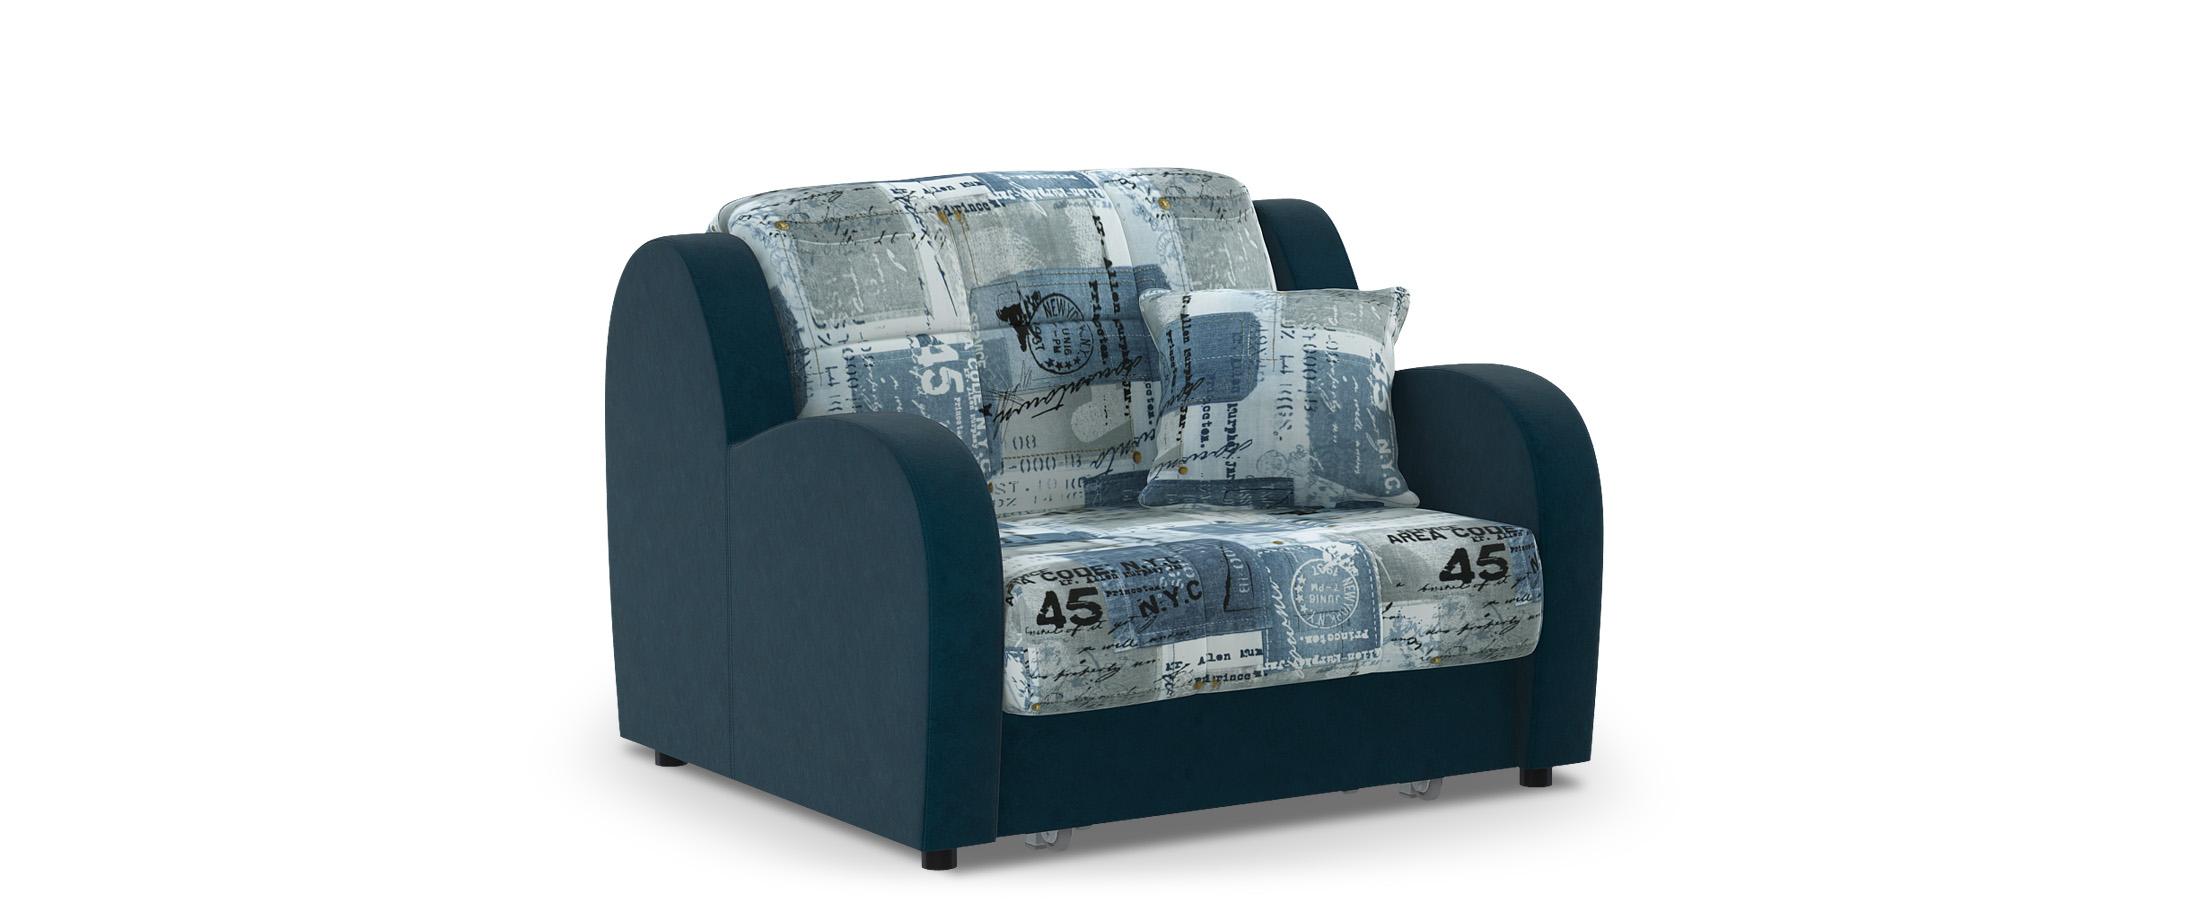 Кресло раскладное Барон 022Купить синее кресло-кровать Барон 022. Доставка от 1 дня. Подъём, сборка, вынос упаковки. Гарантия 18 месяцев. Интернет-магазин мебели MOON TRADE. Артикул: 001275<br>